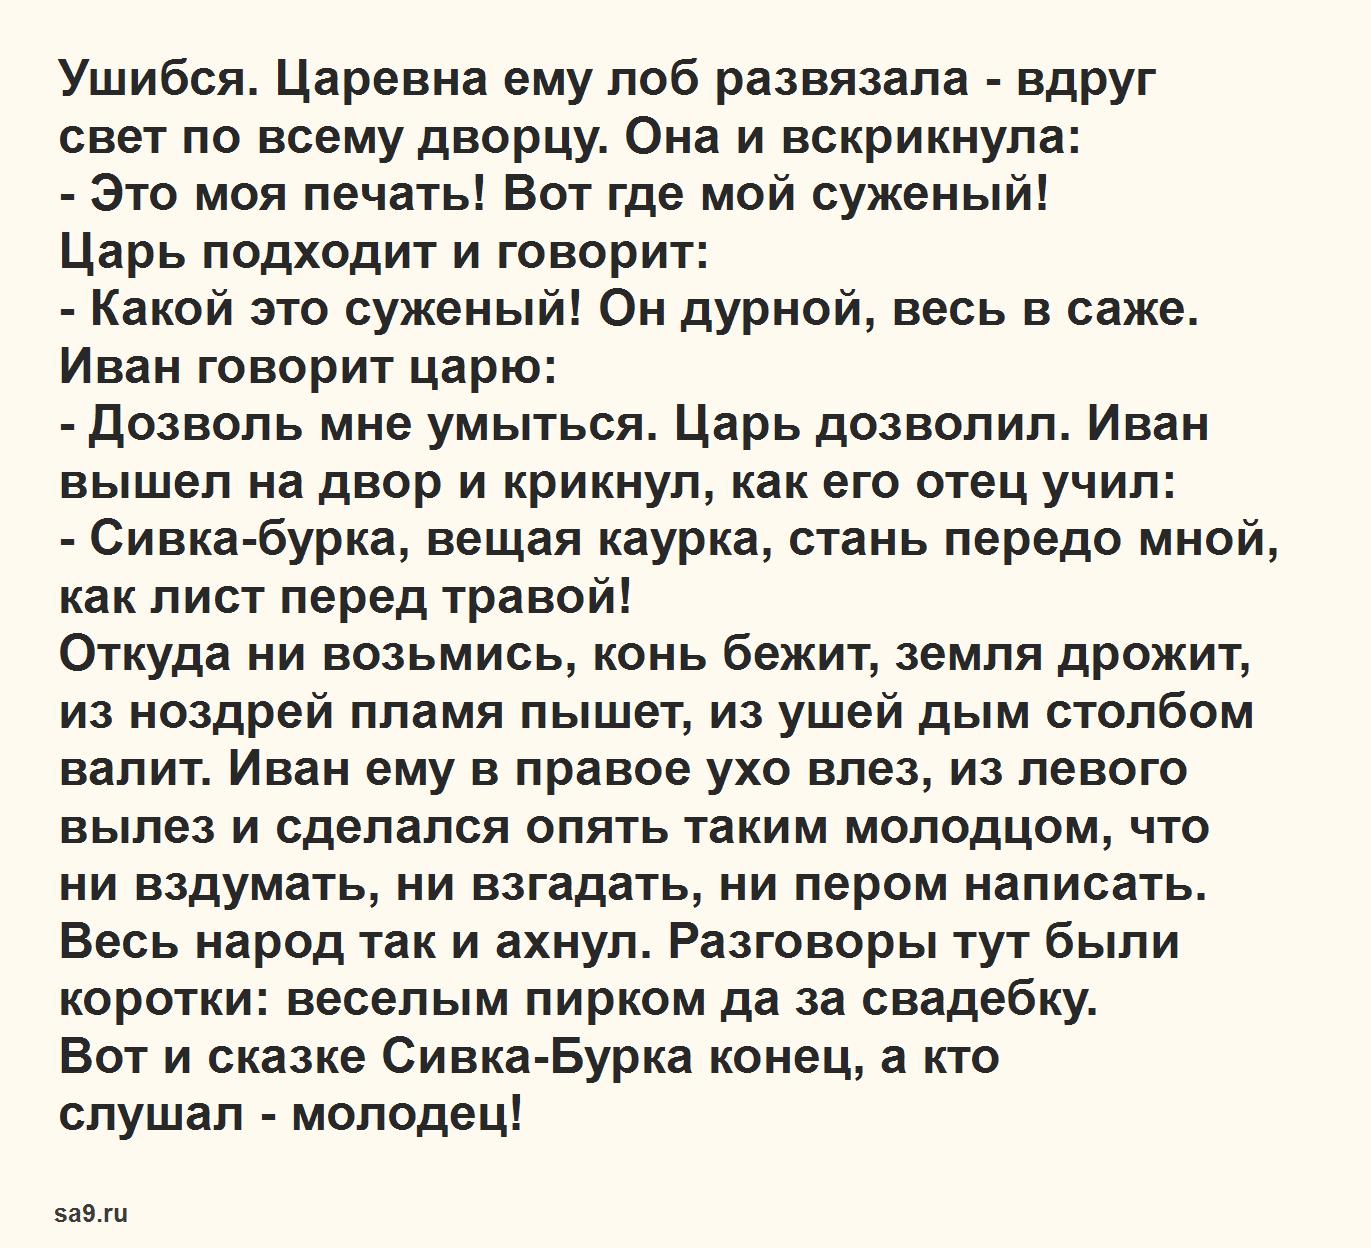 Русская народная сказка - Сивка-Бурка, читать онлайн бесплатно